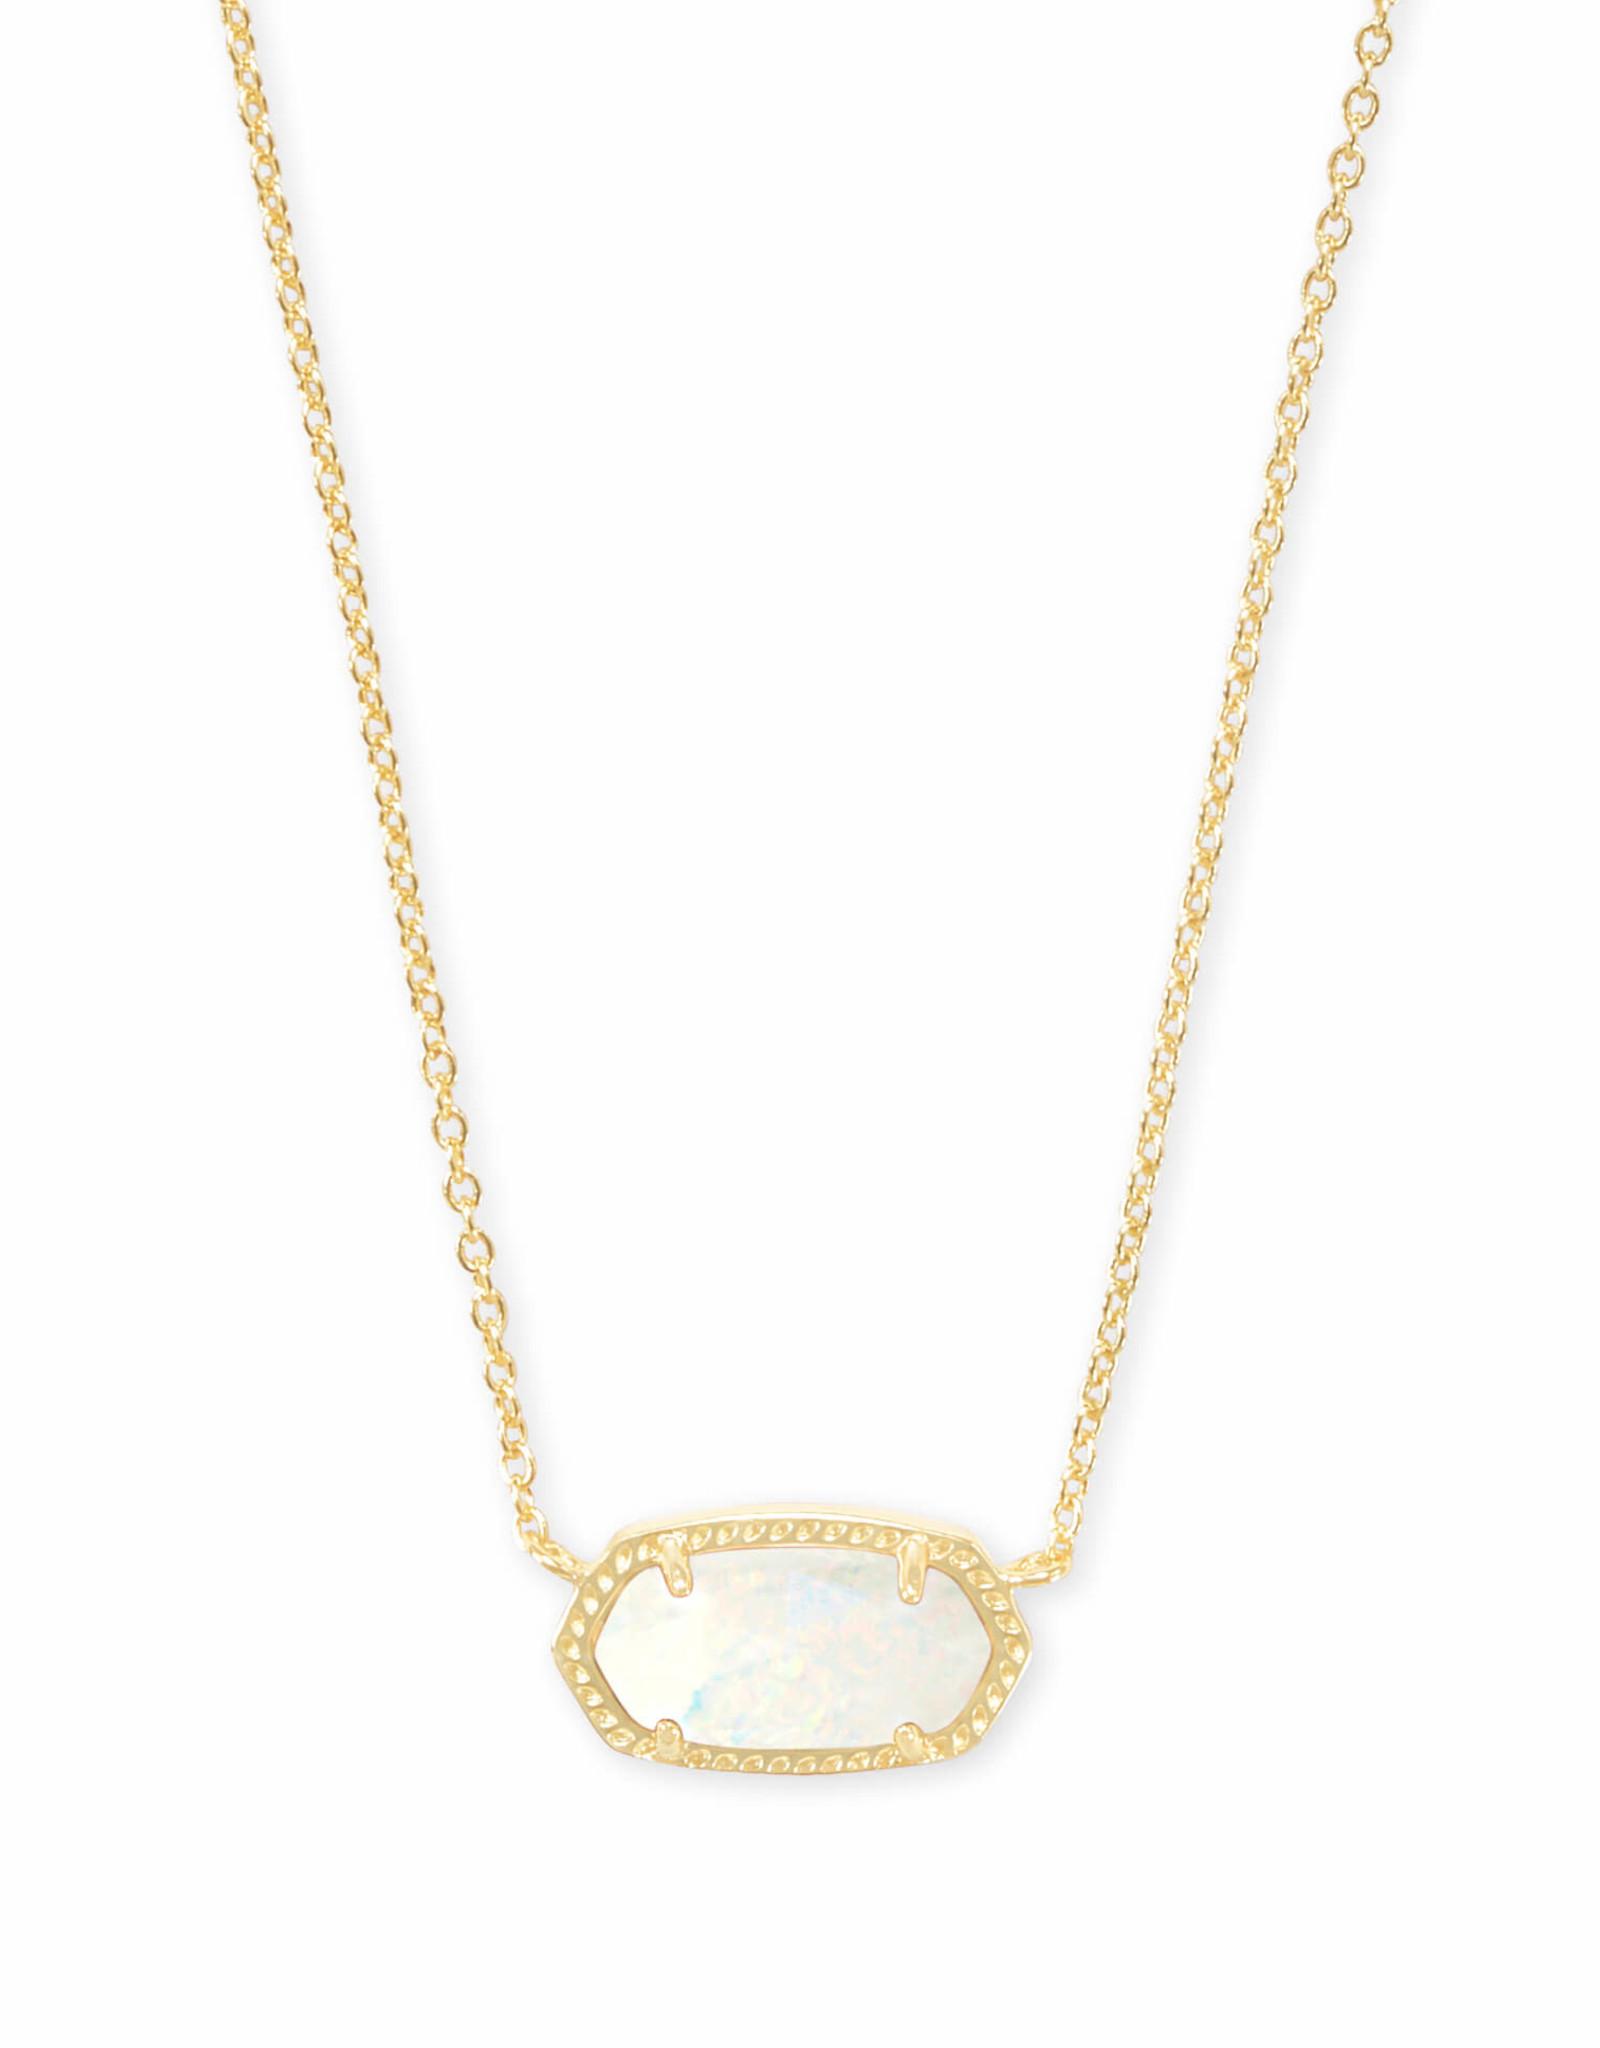 Kendra Scott Elisa Necklace - White Kyocera Opal/Gold